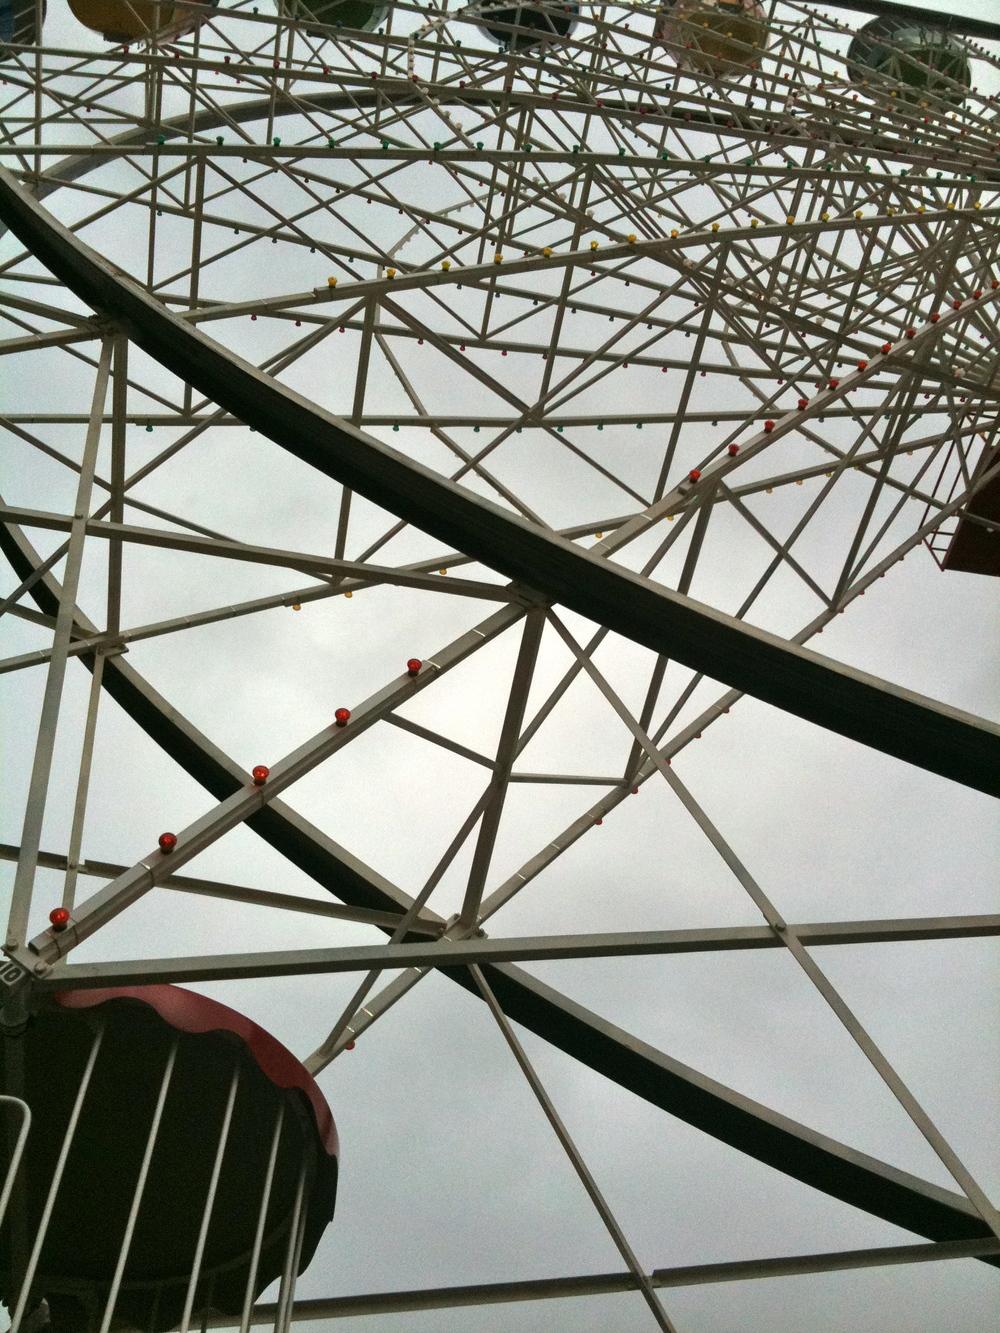 A few more views at Luna Park